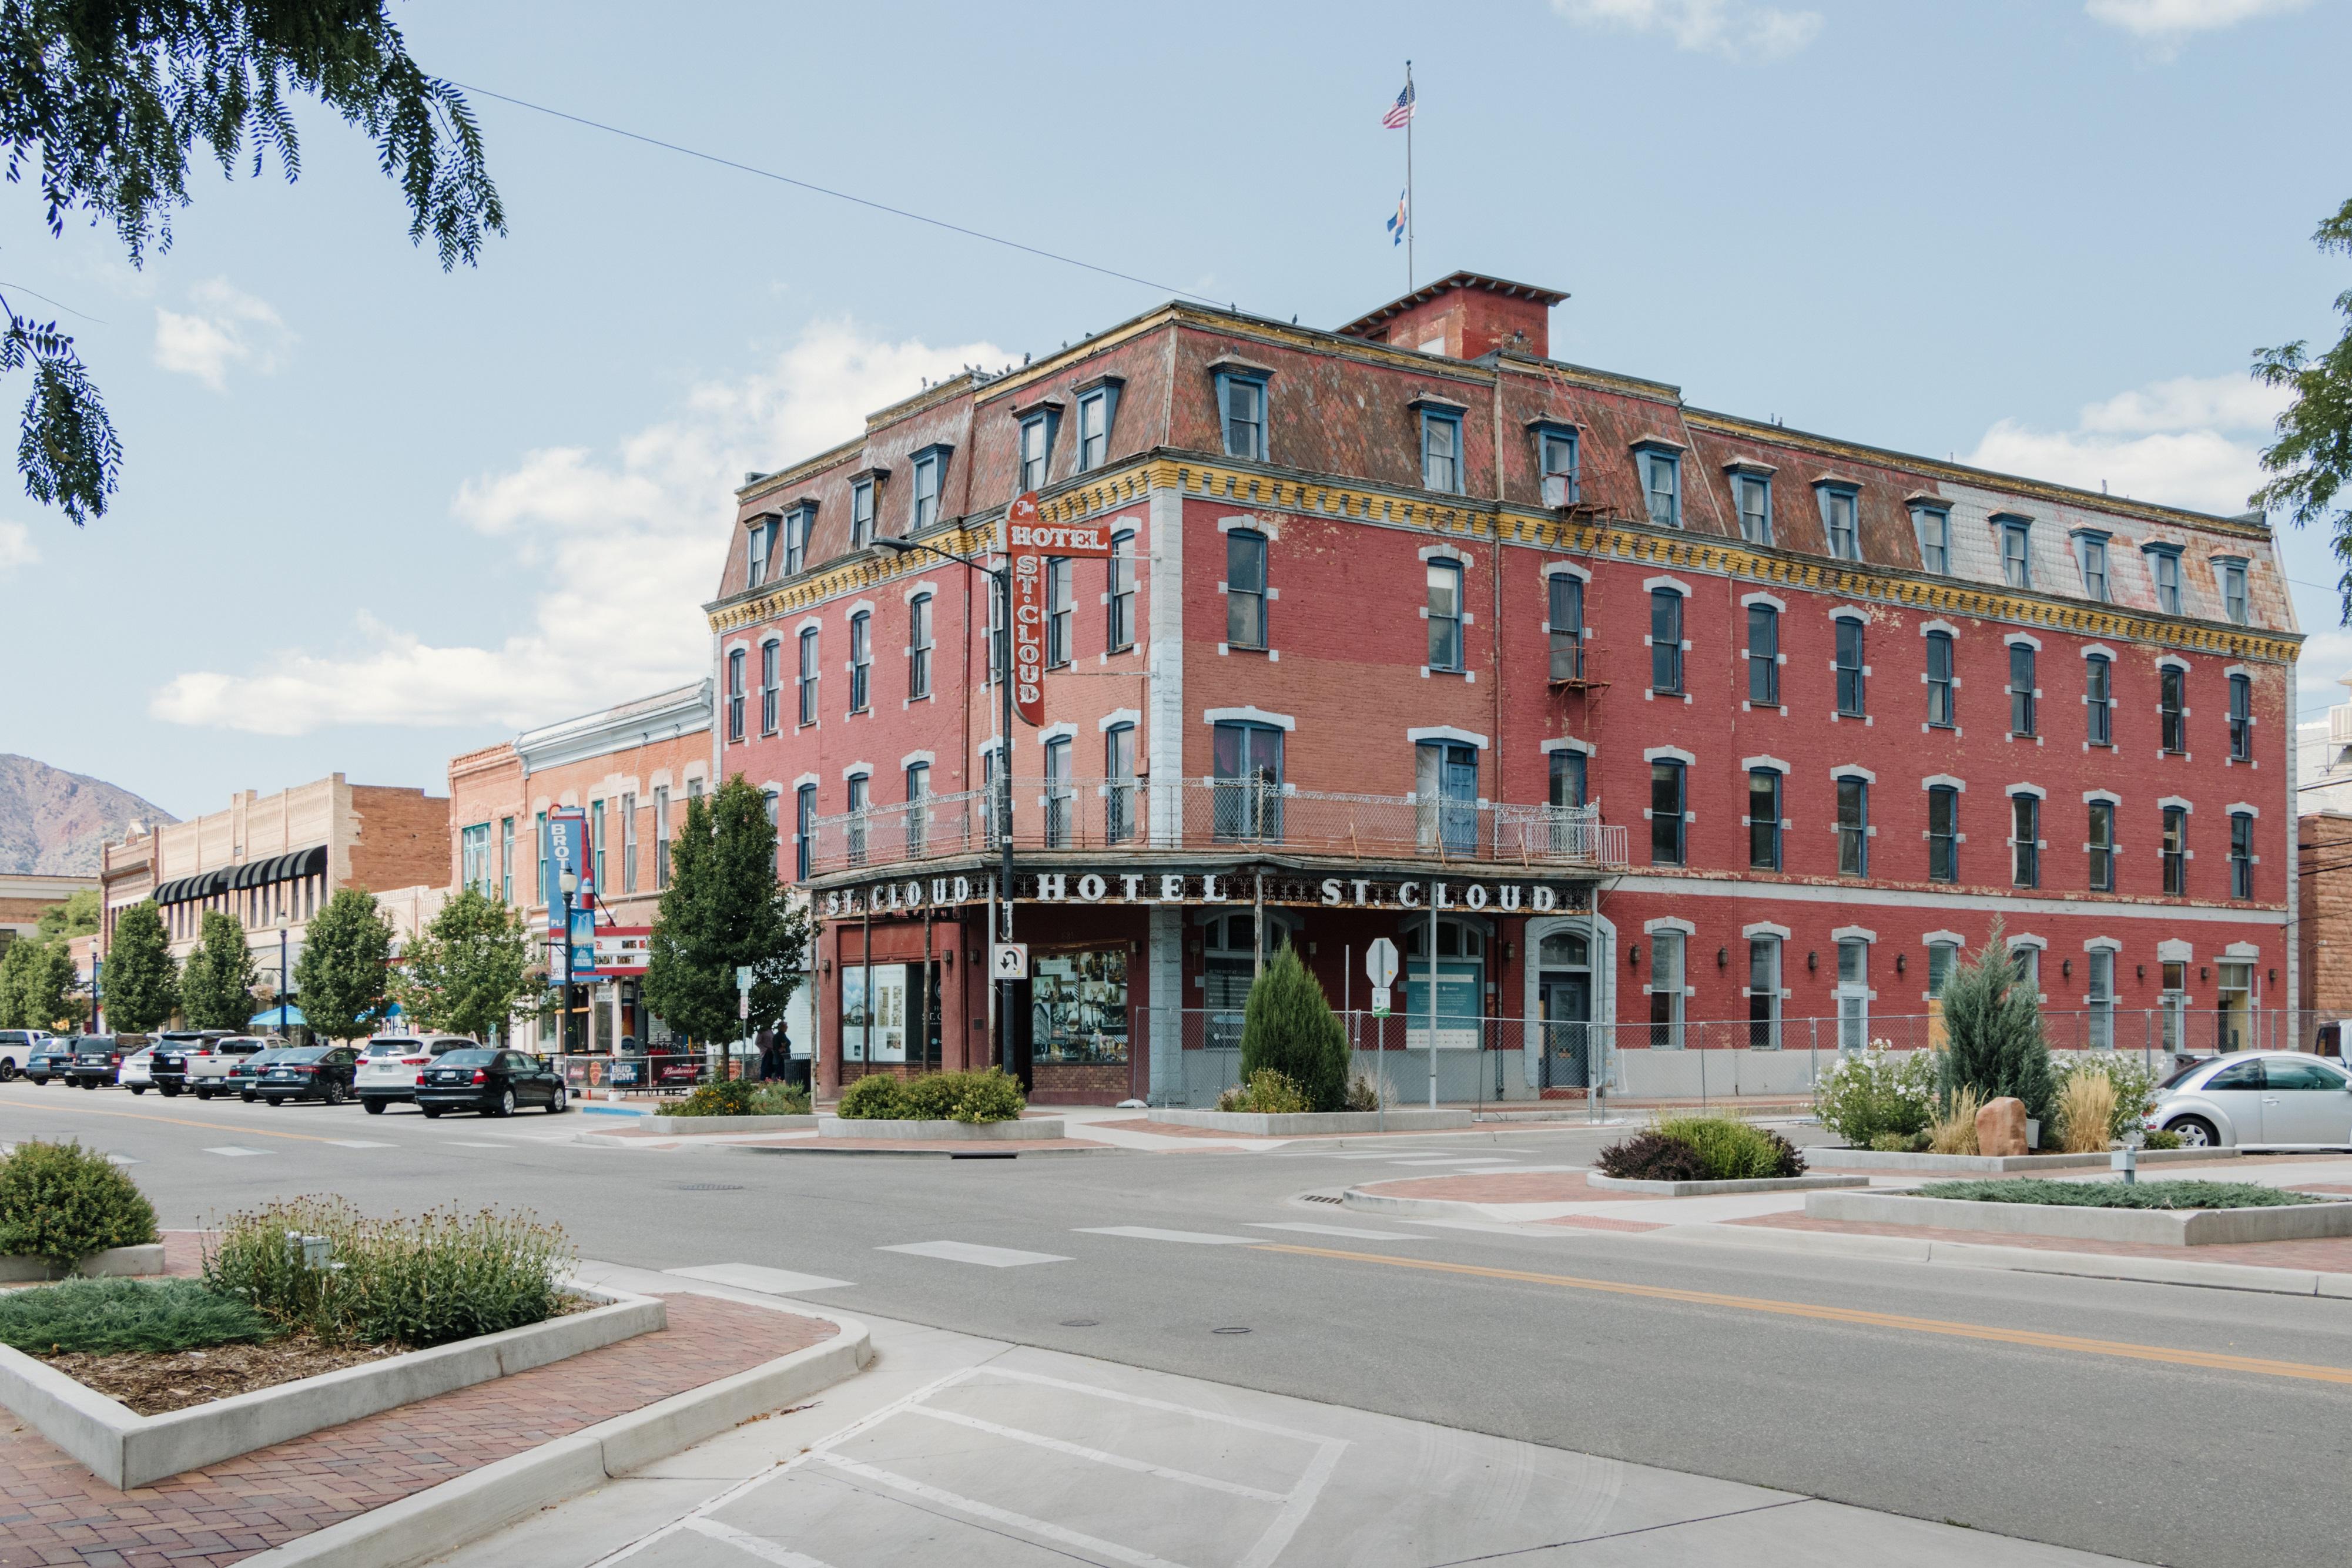 Downtown Cañon City's Hotel St. Cloud